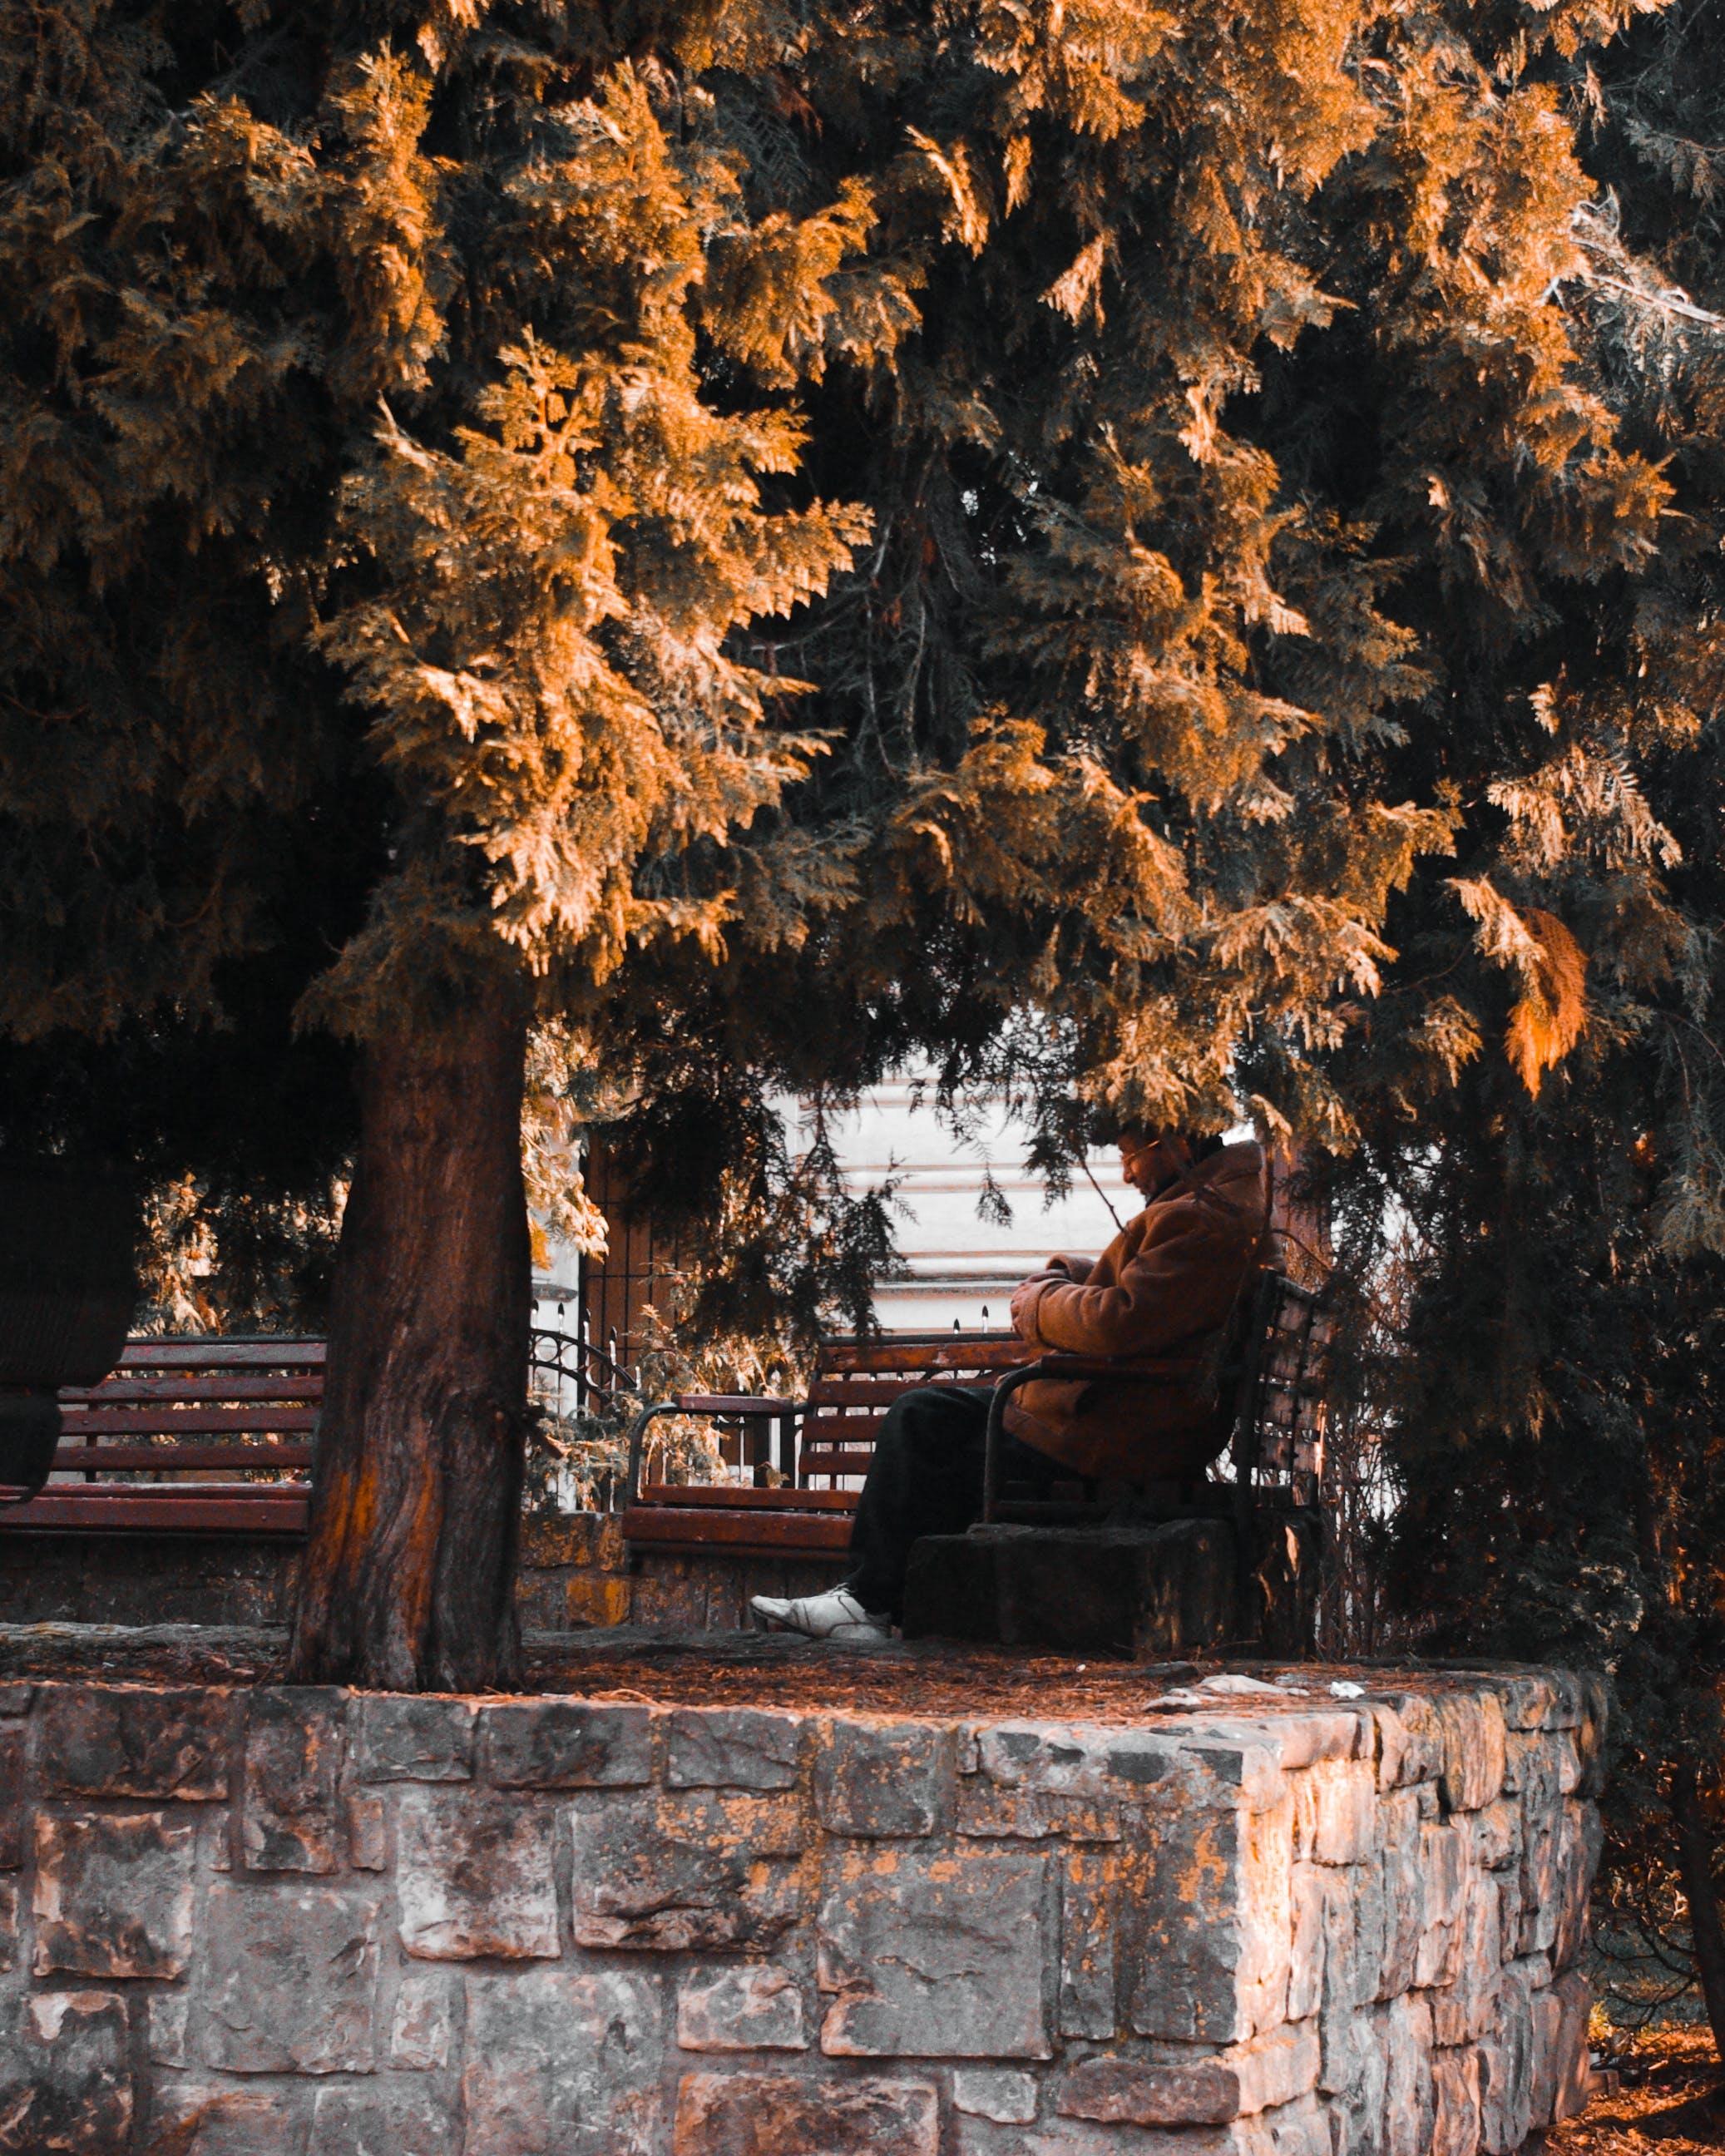 Gratis lagerfoto af dagslys, mand, person, træ